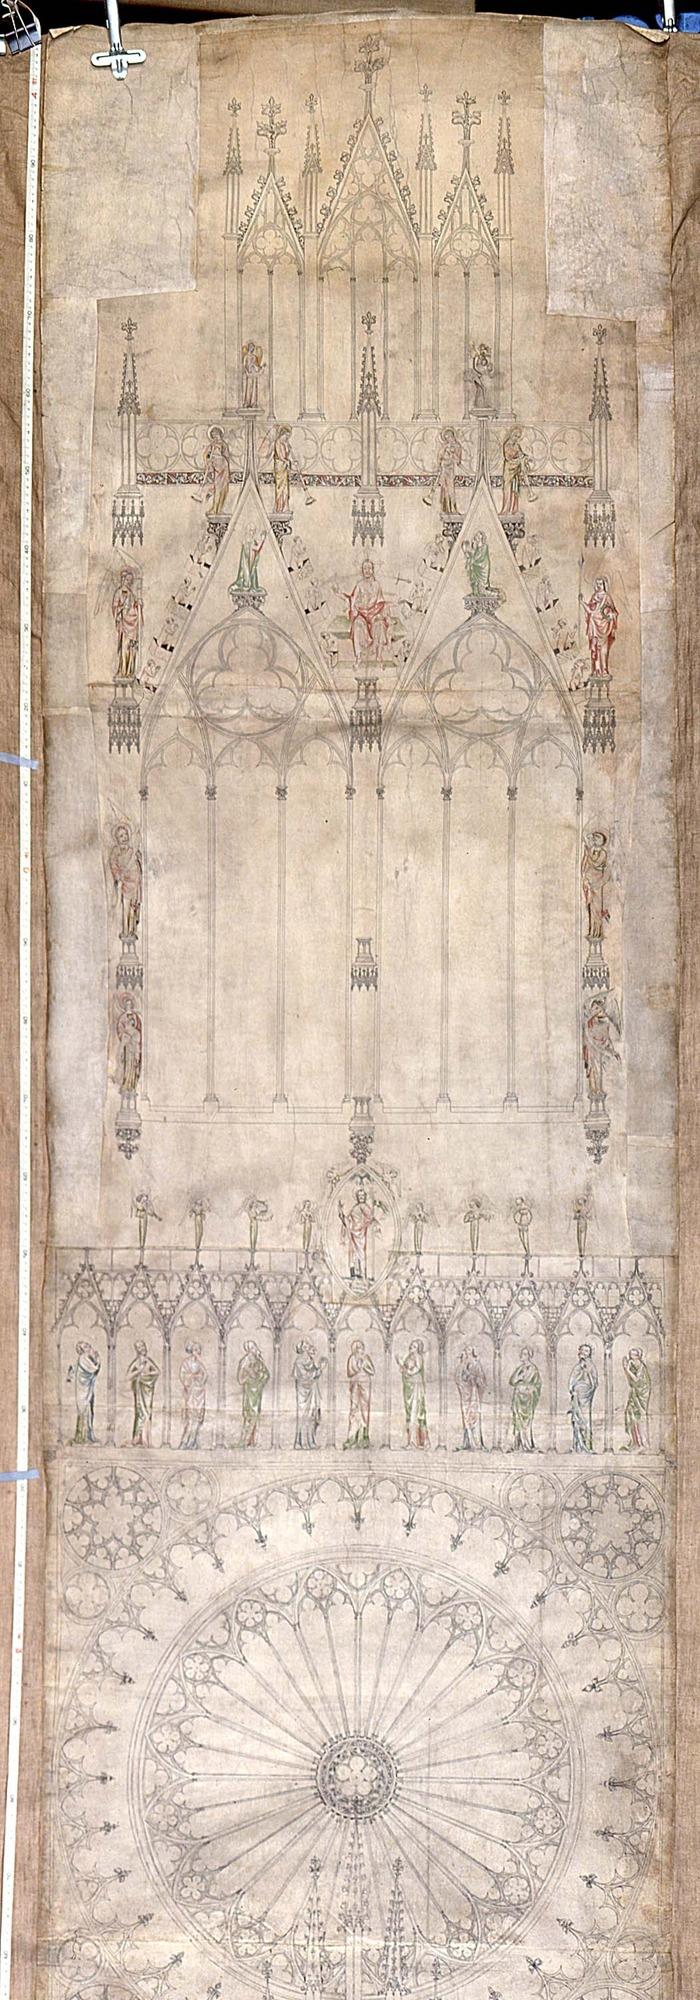 Crédits image : Dessin de la cathédrale conservé au Musée de l'Oeuvre Notre-Dame, photo: Mathieu Bertola